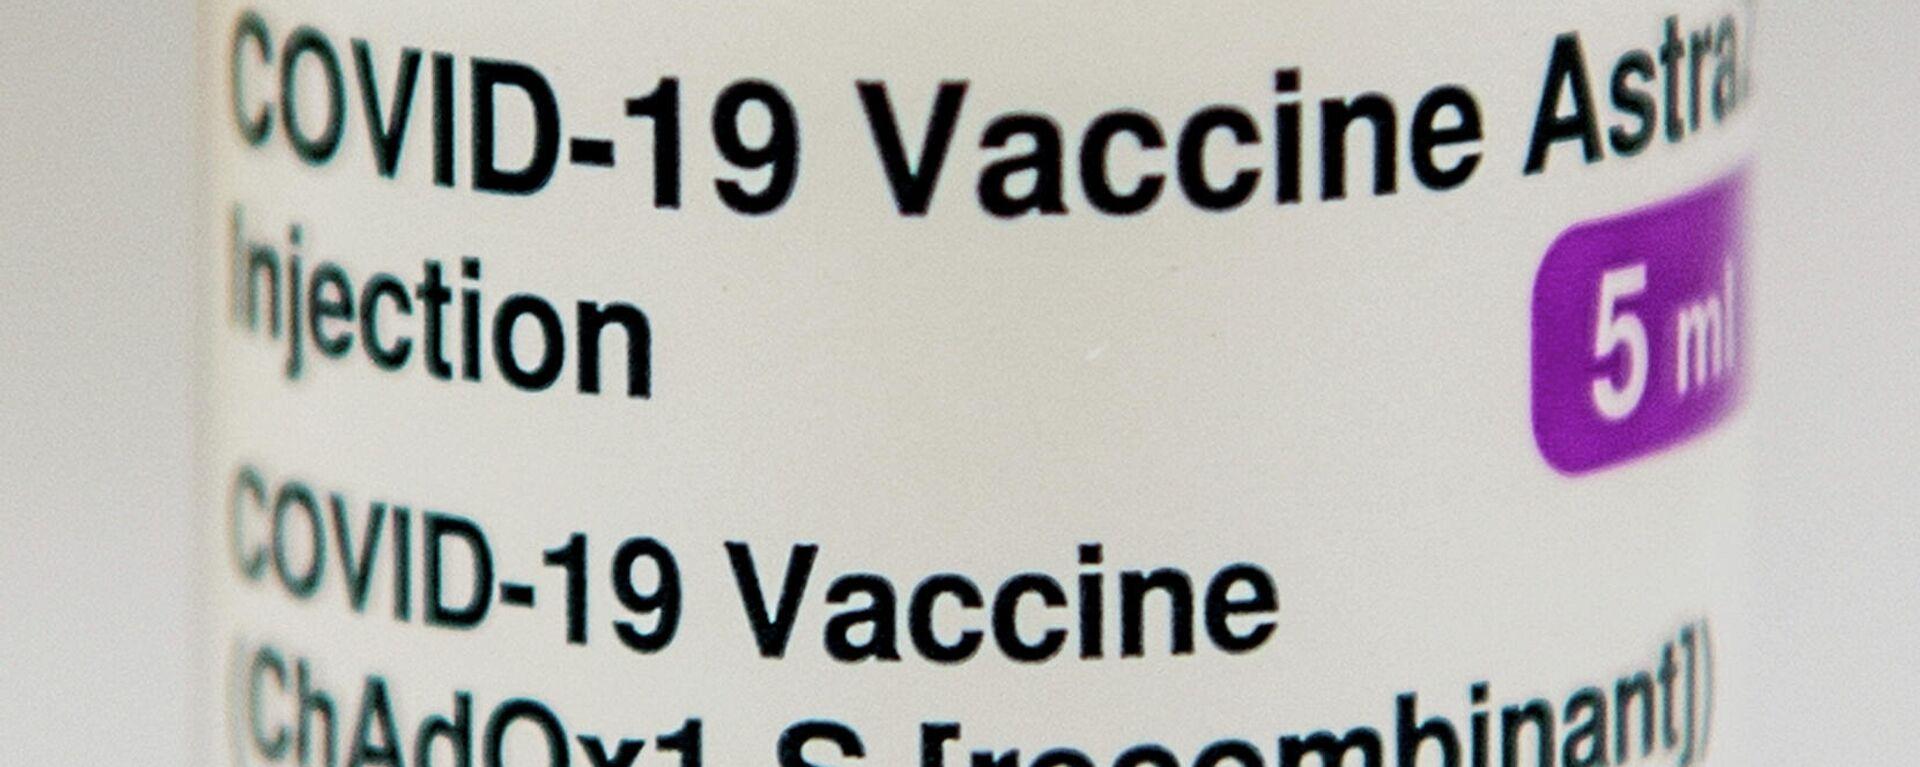 Impfdose von AstaZeneca - SNA, 1920, 15.02.2021